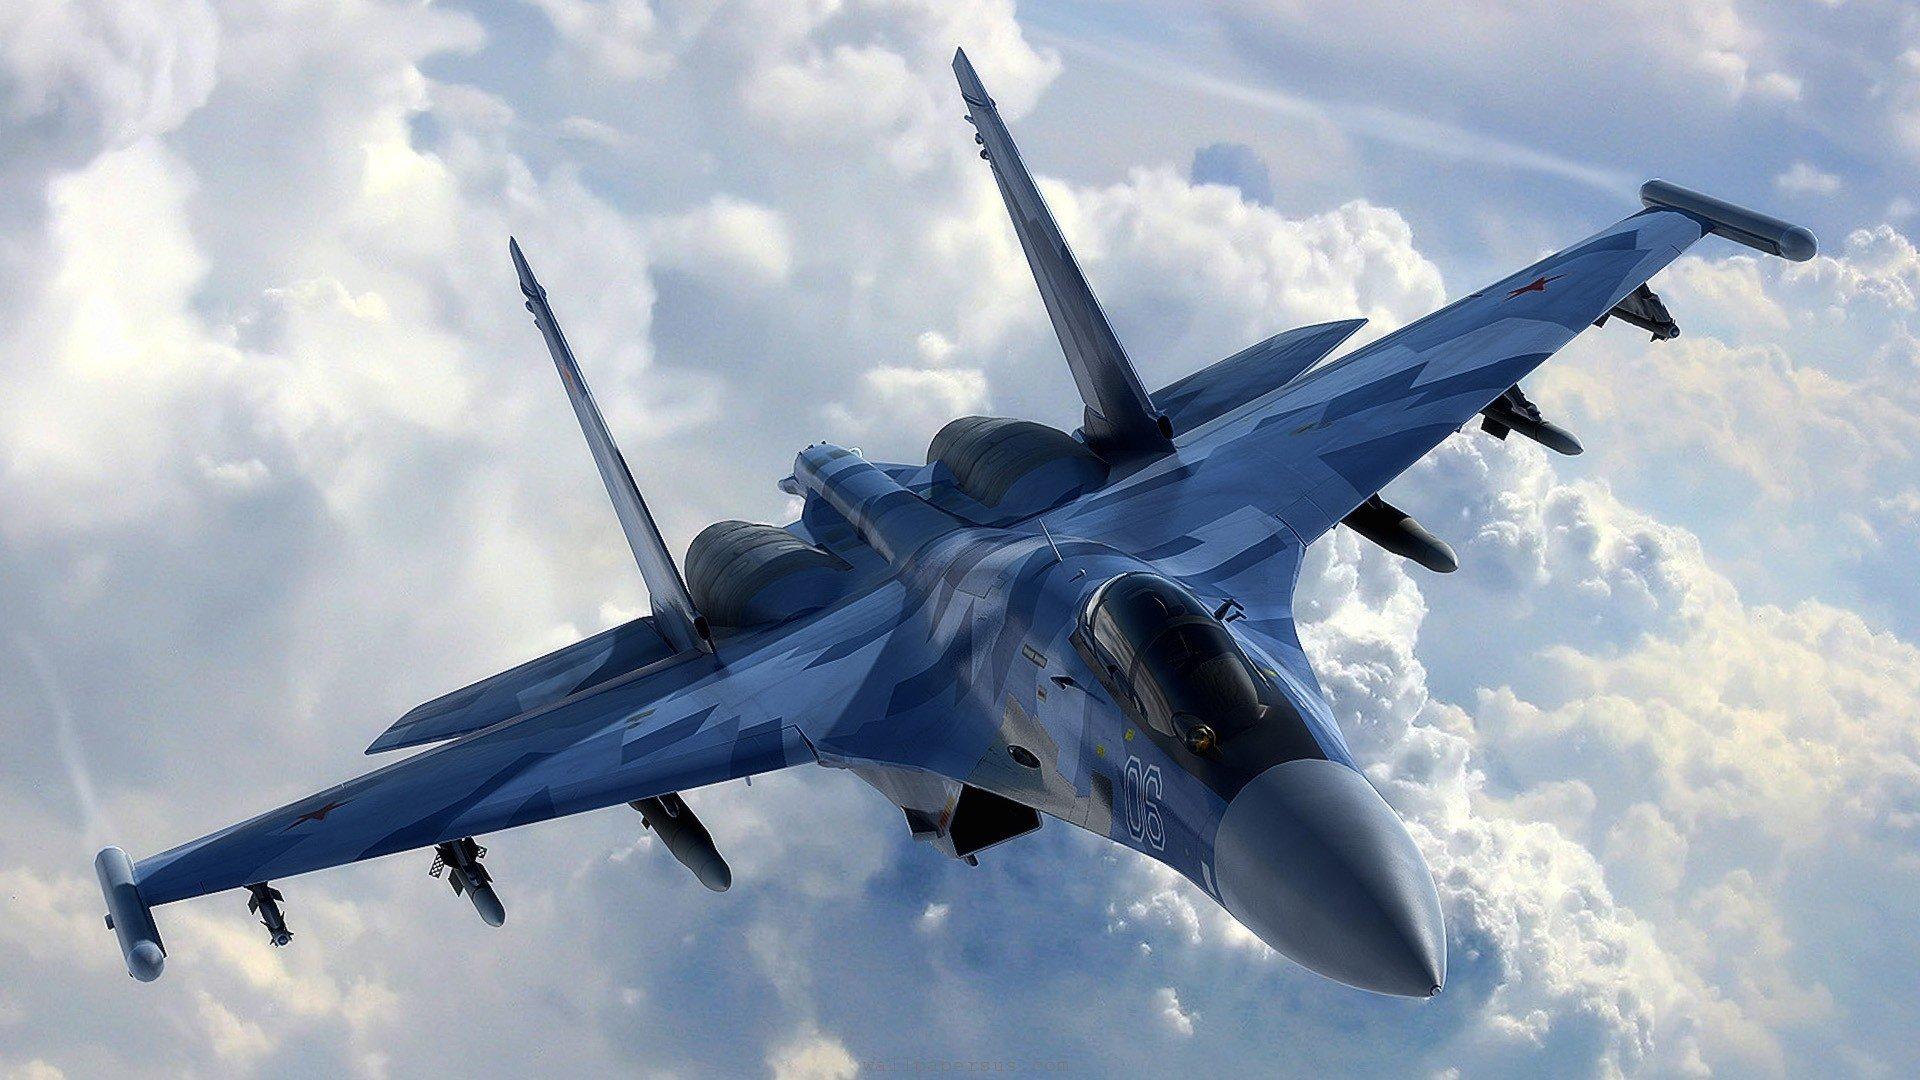 Máy bay chiến đấu T-50 của Nga sẽ chấm dứt hàng chục năm không có đối thủ của 'chim ăn thịt' F-22